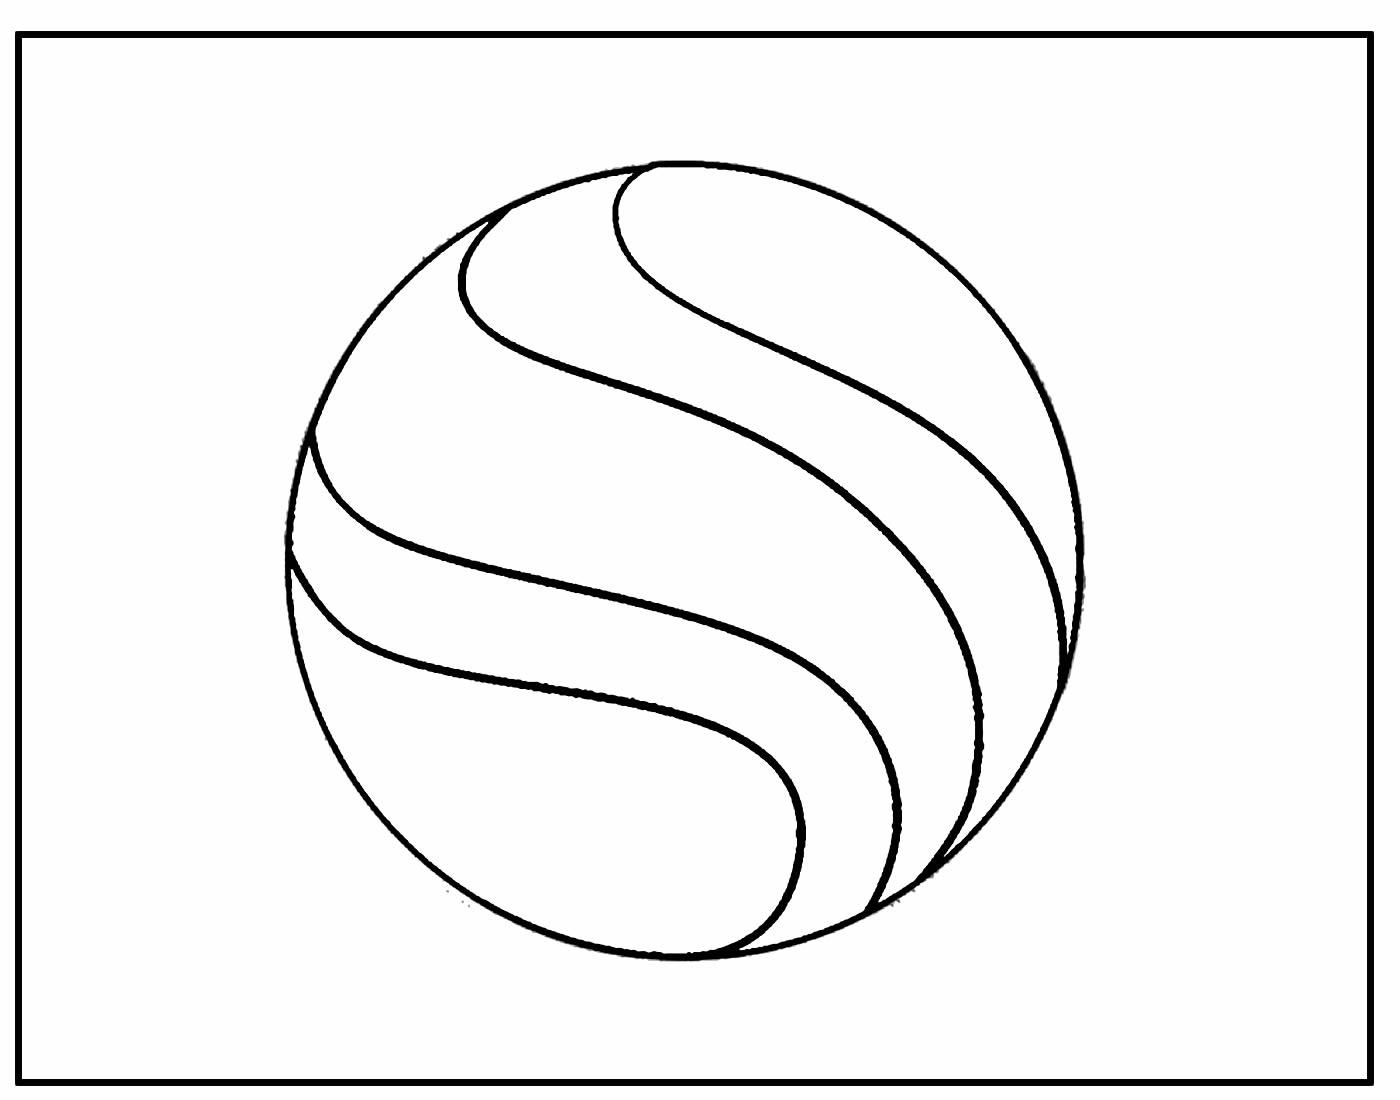 Desenho de Bola para colorir